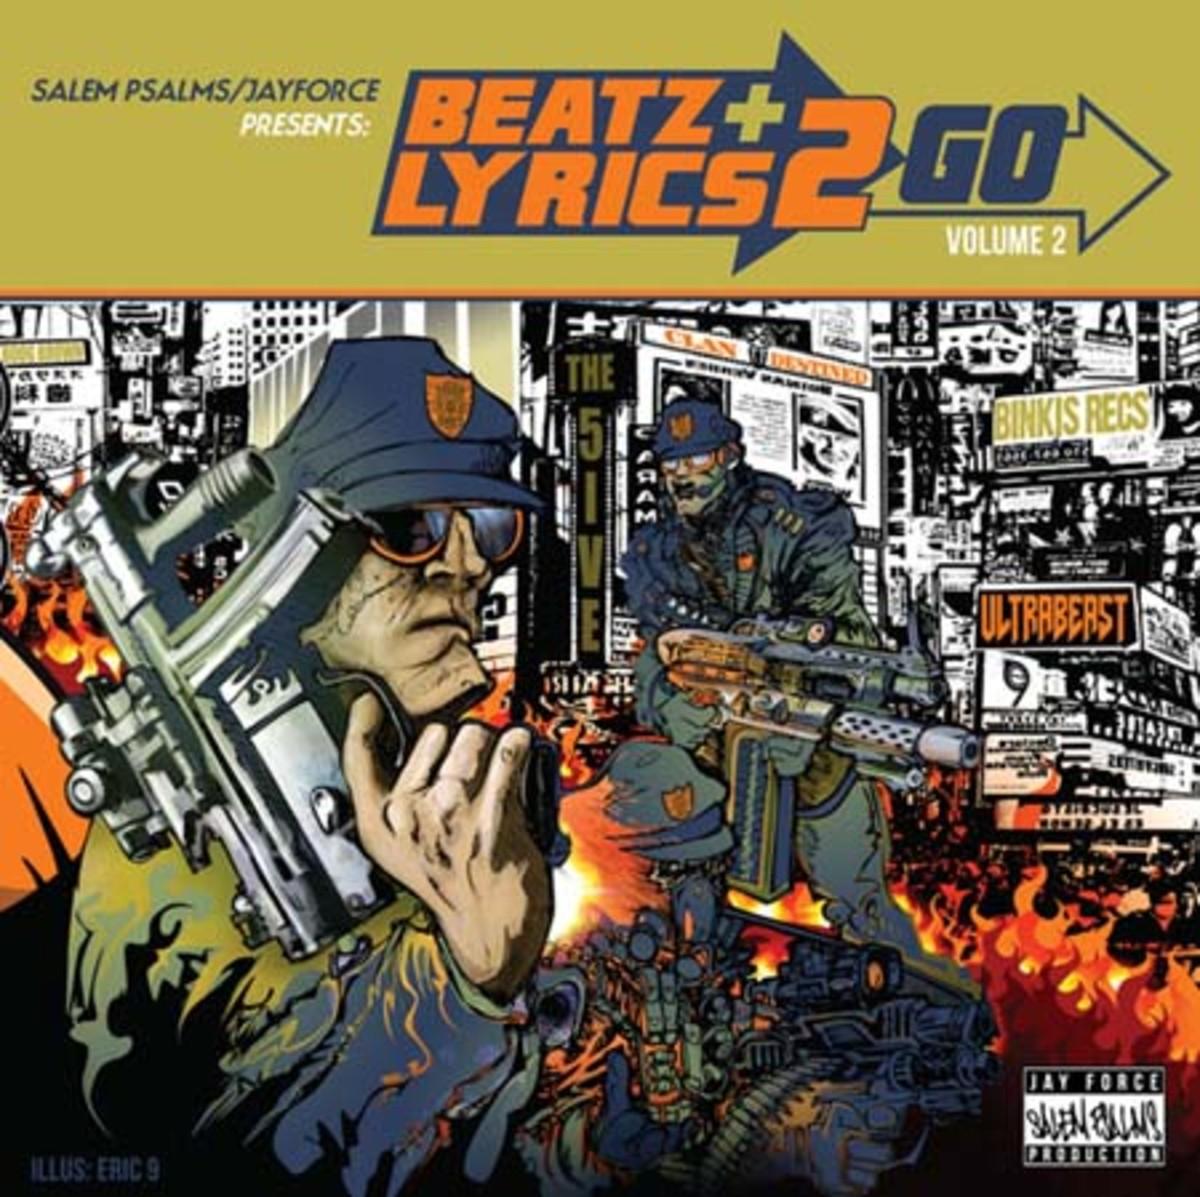 beatz-lyrics-2-go.jpg